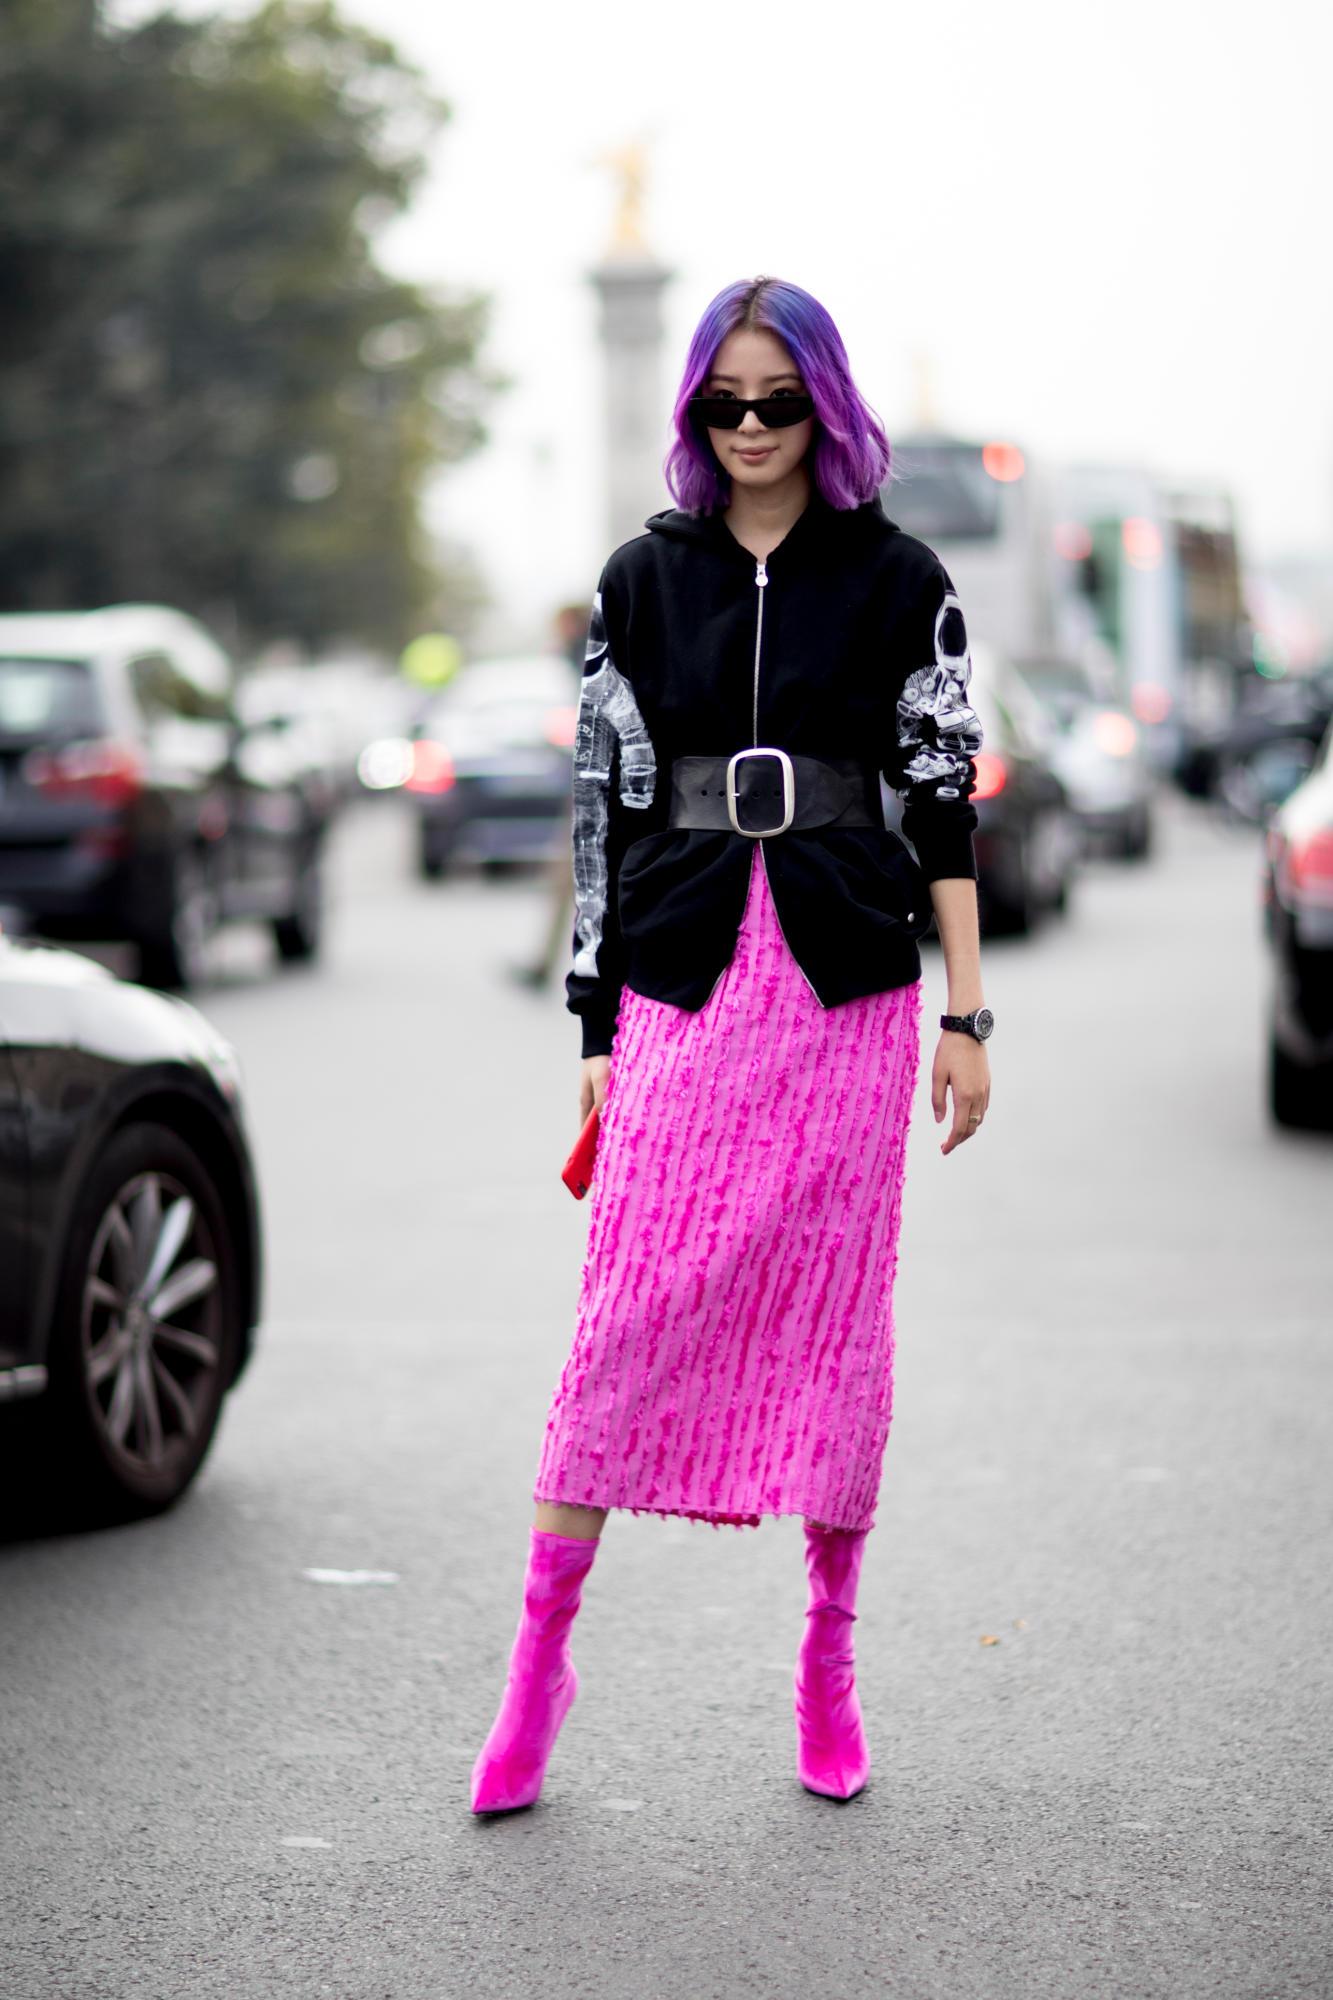 fac31d55388 Какие стильные луки будут наиболее востребованы в уличной моде 2018  Какими  вещами разнообразить свой повседневный гардероб